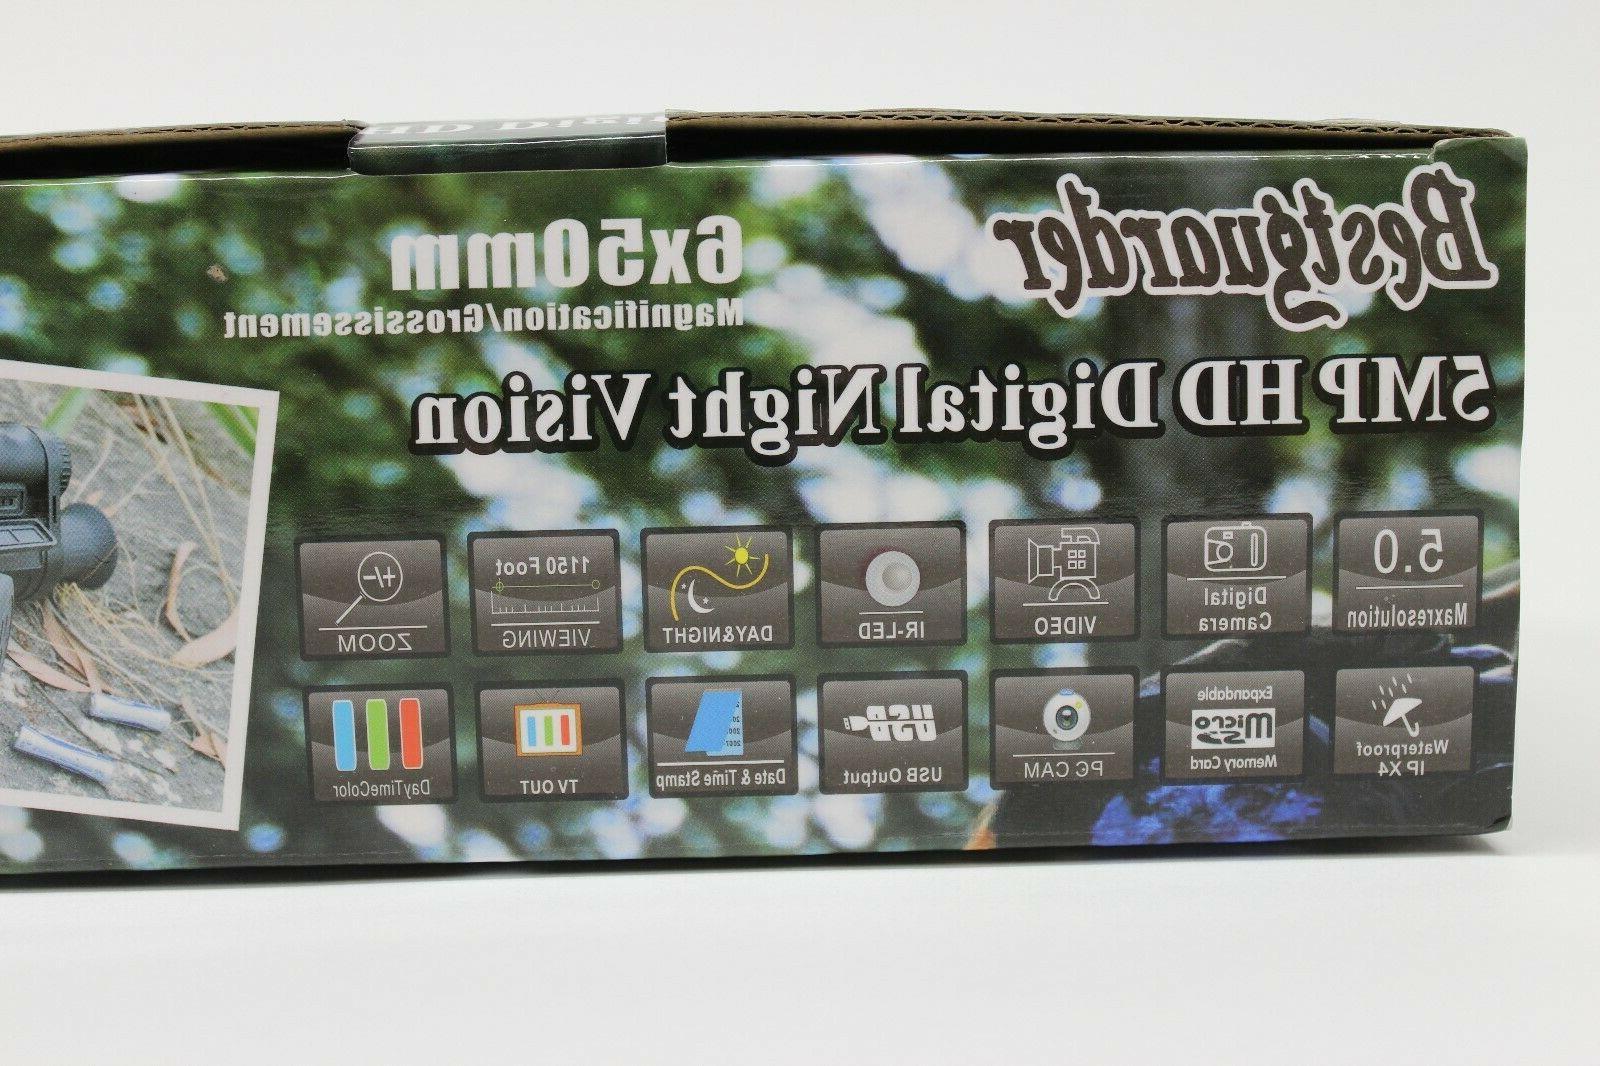 Bestguarder WG-50 HD Digital Night Monocular